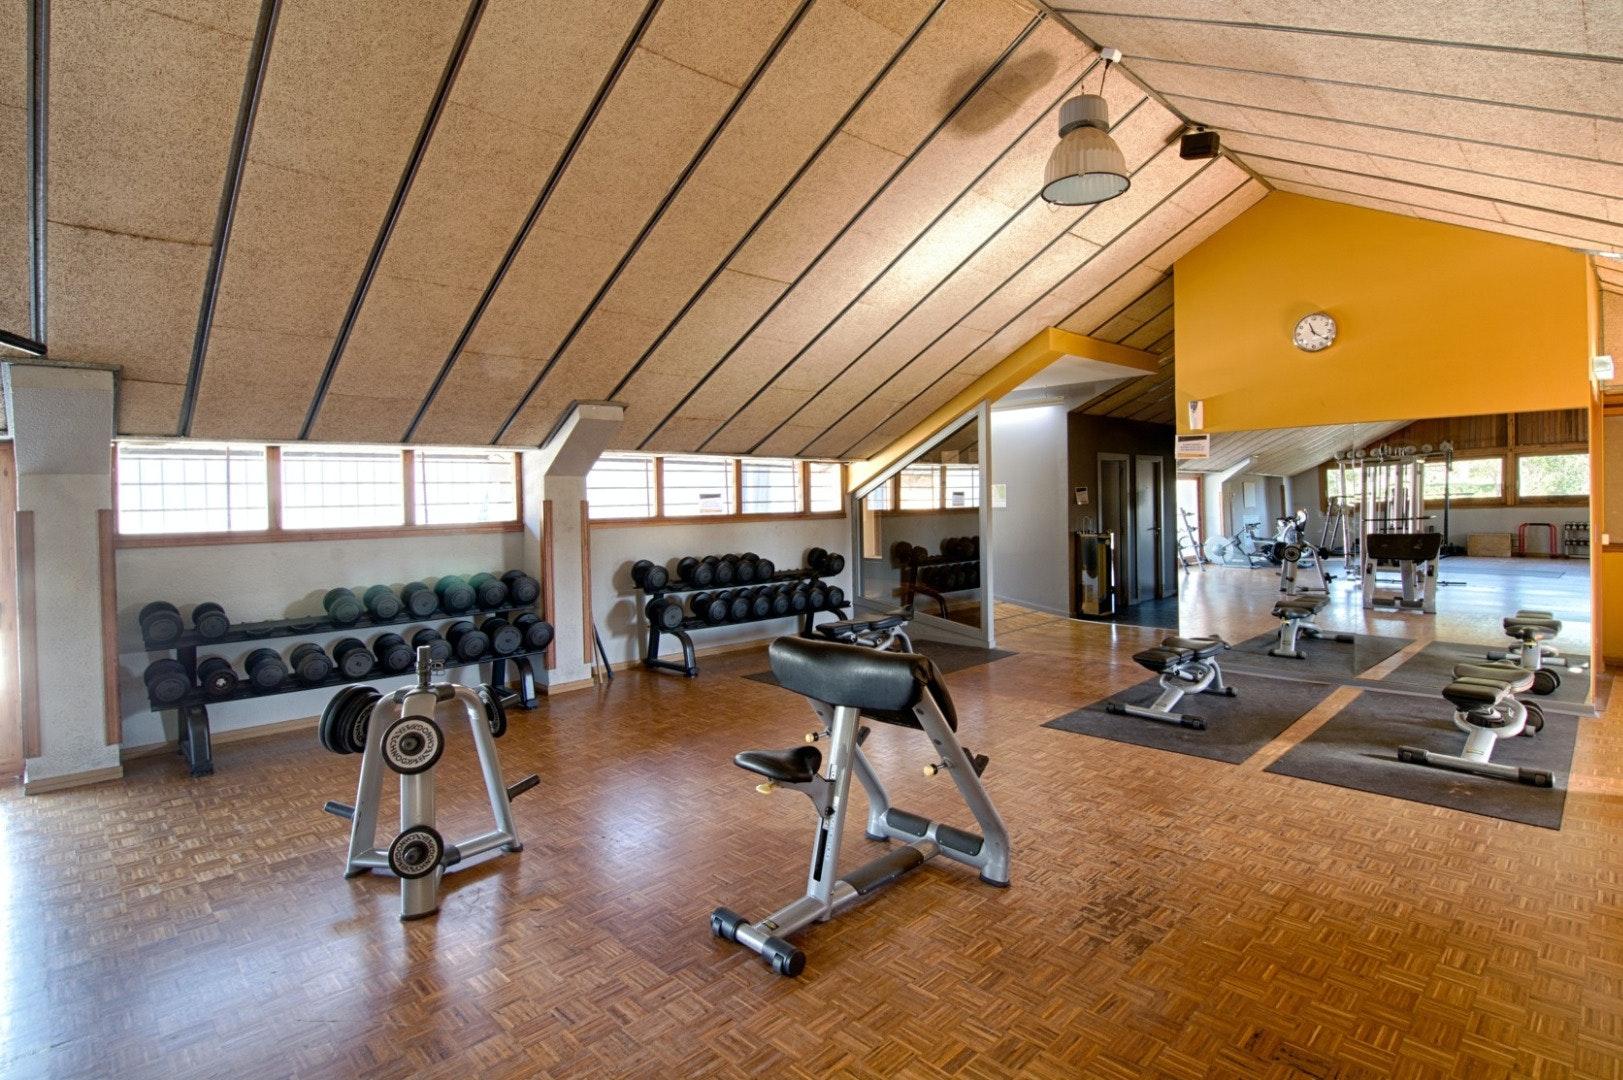 Foto 6 Oferta Gimnasio Accura Sant Boi Sant Boi de Llobregat - GymForLess